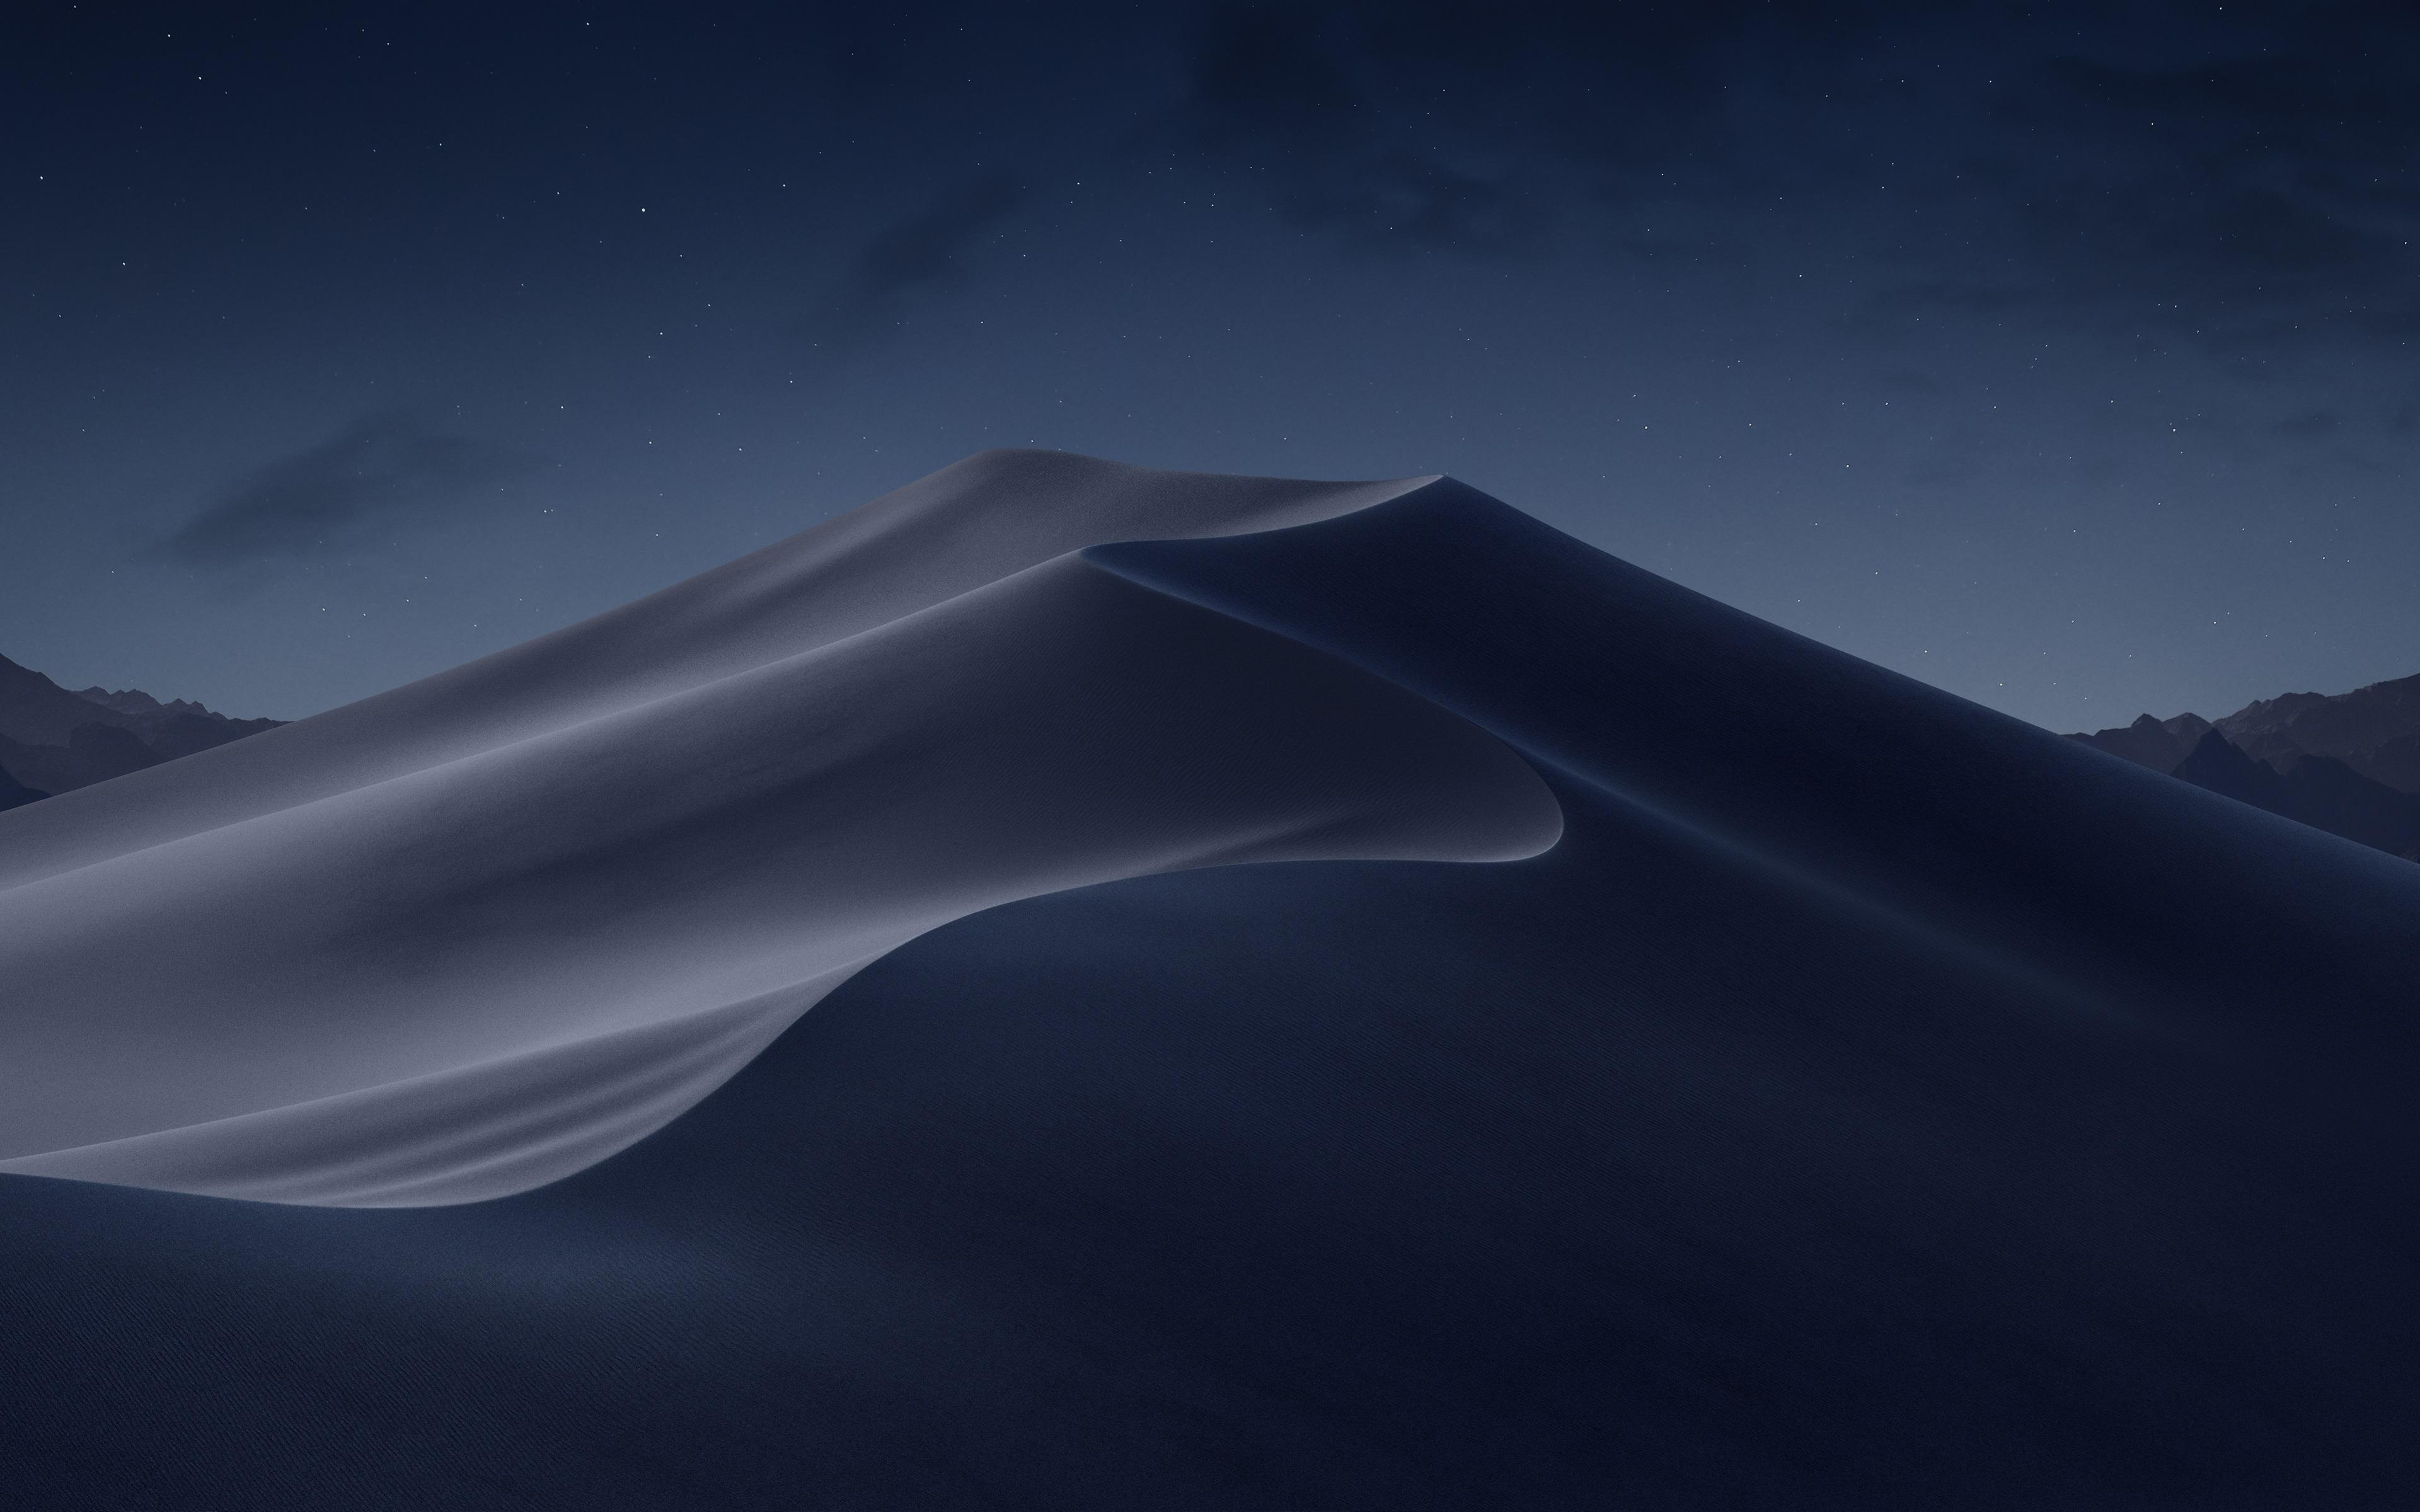 絶景 高画質 壁紙